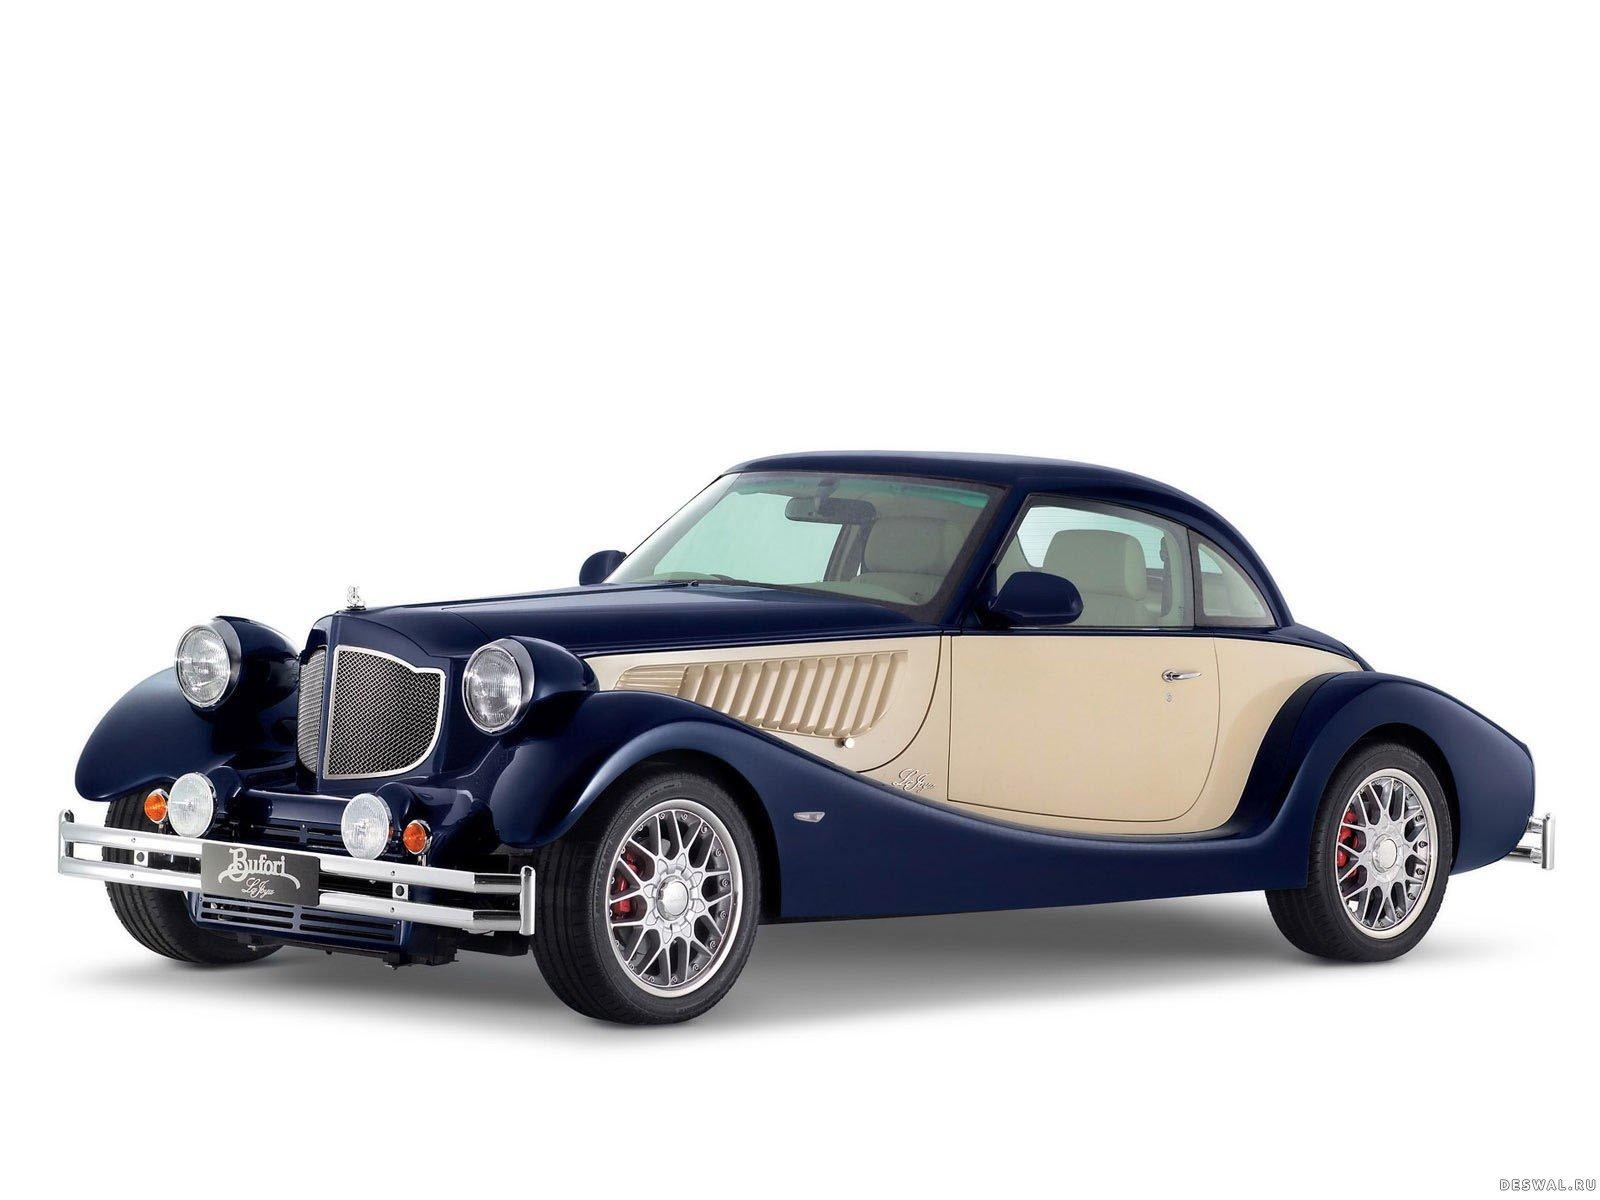 Изображение Bufori на качественной фотообои, Нажмите на картинку с обоями автомобиля bufori, чтобы просмотреть ее в реальном размере